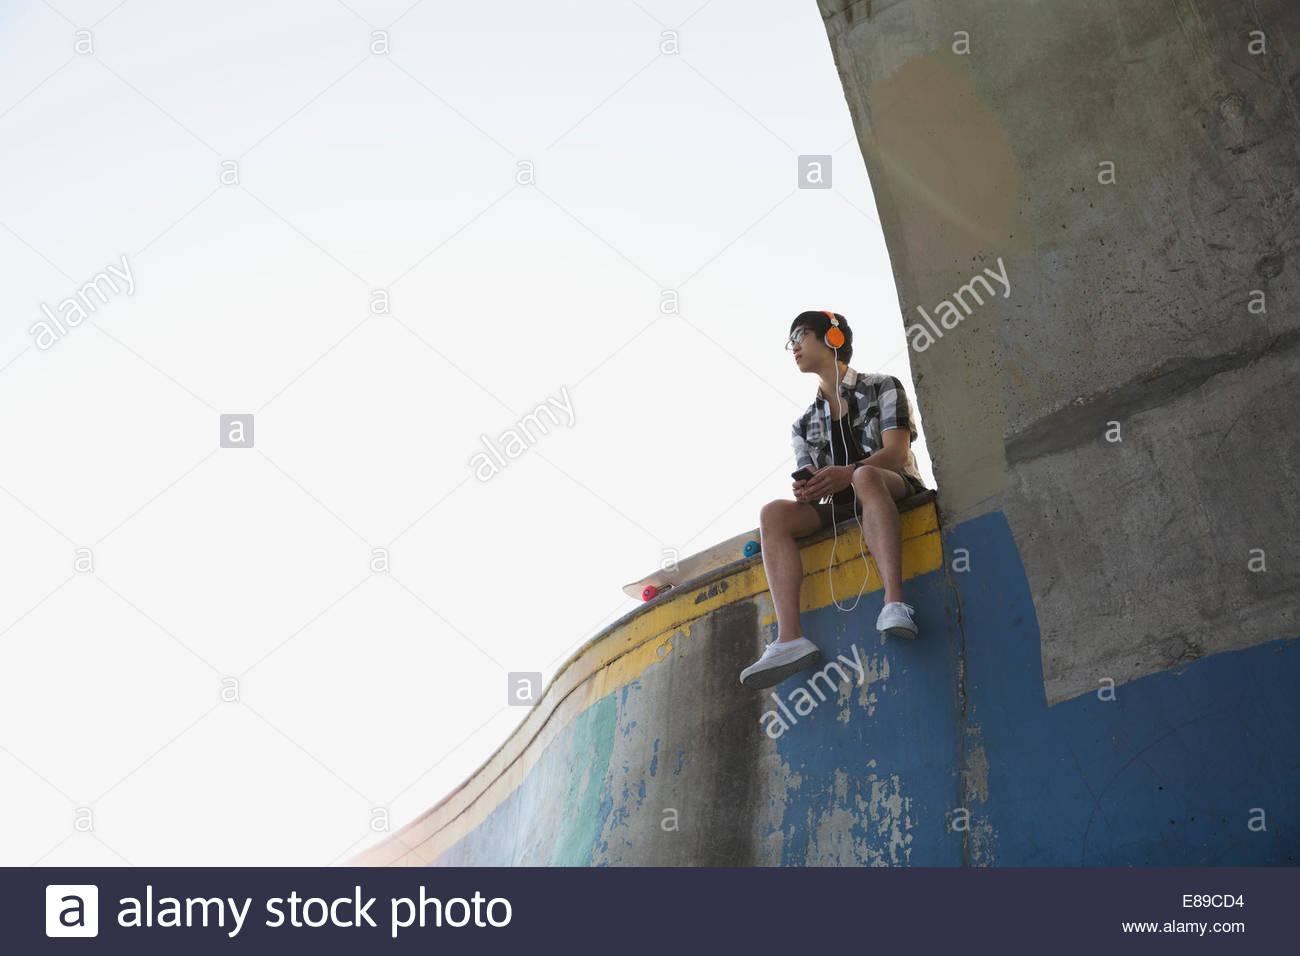 Teenage boy sur la rampe d'accès au parc de planche à roulettes Photo Stock